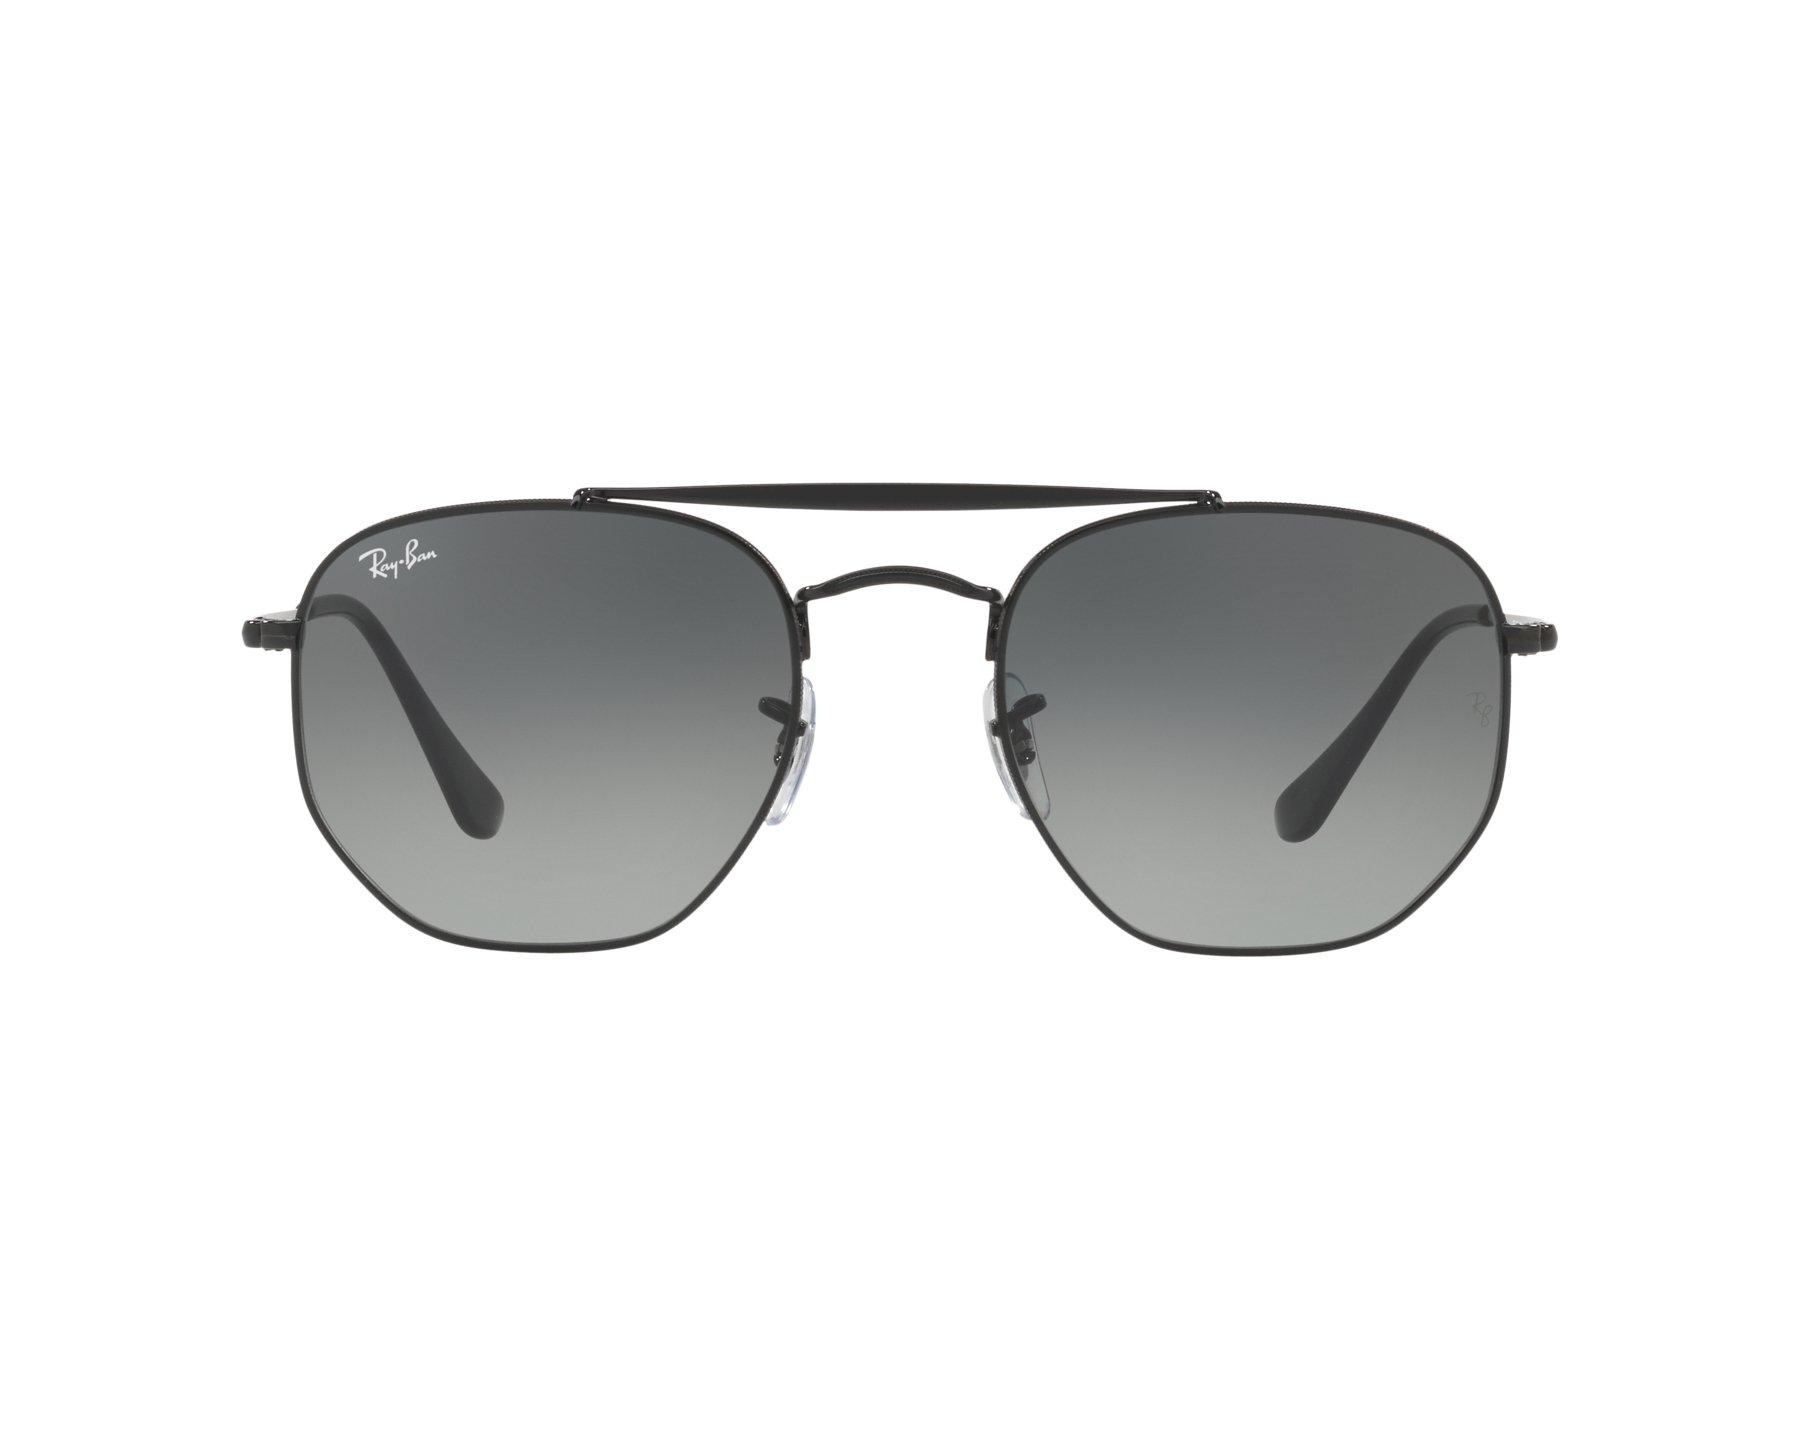 lunettes de soleil ray ban rb 3648 002 71 noir avec des verres gris. Black Bedroom Furniture Sets. Home Design Ideas